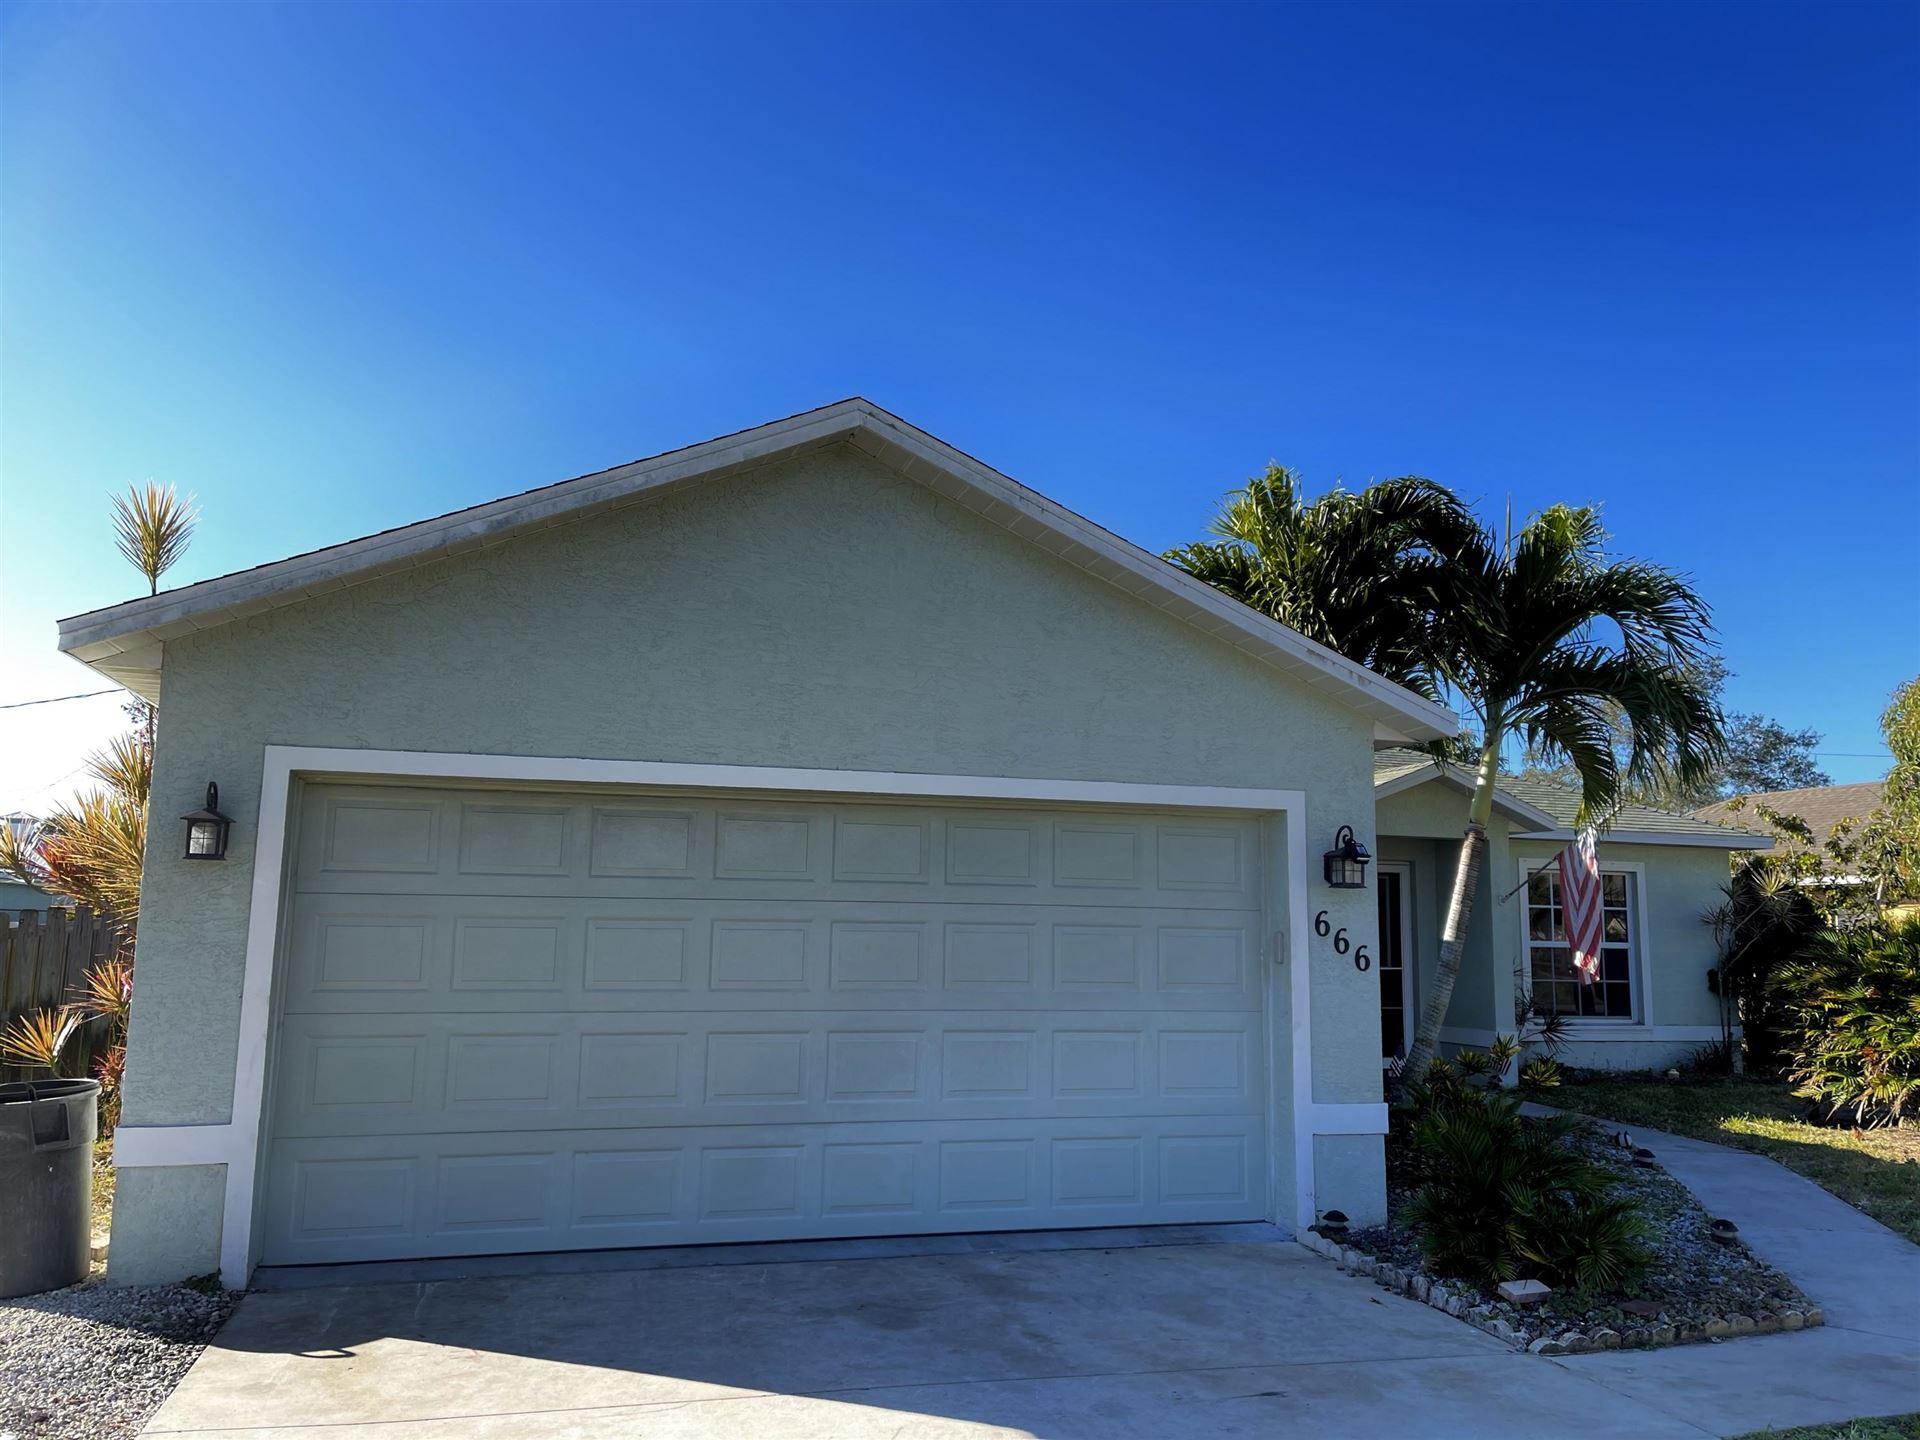 666 SE Tanner Avenue, Port Saint Lucie, FL 34984 - #: RX-10686770